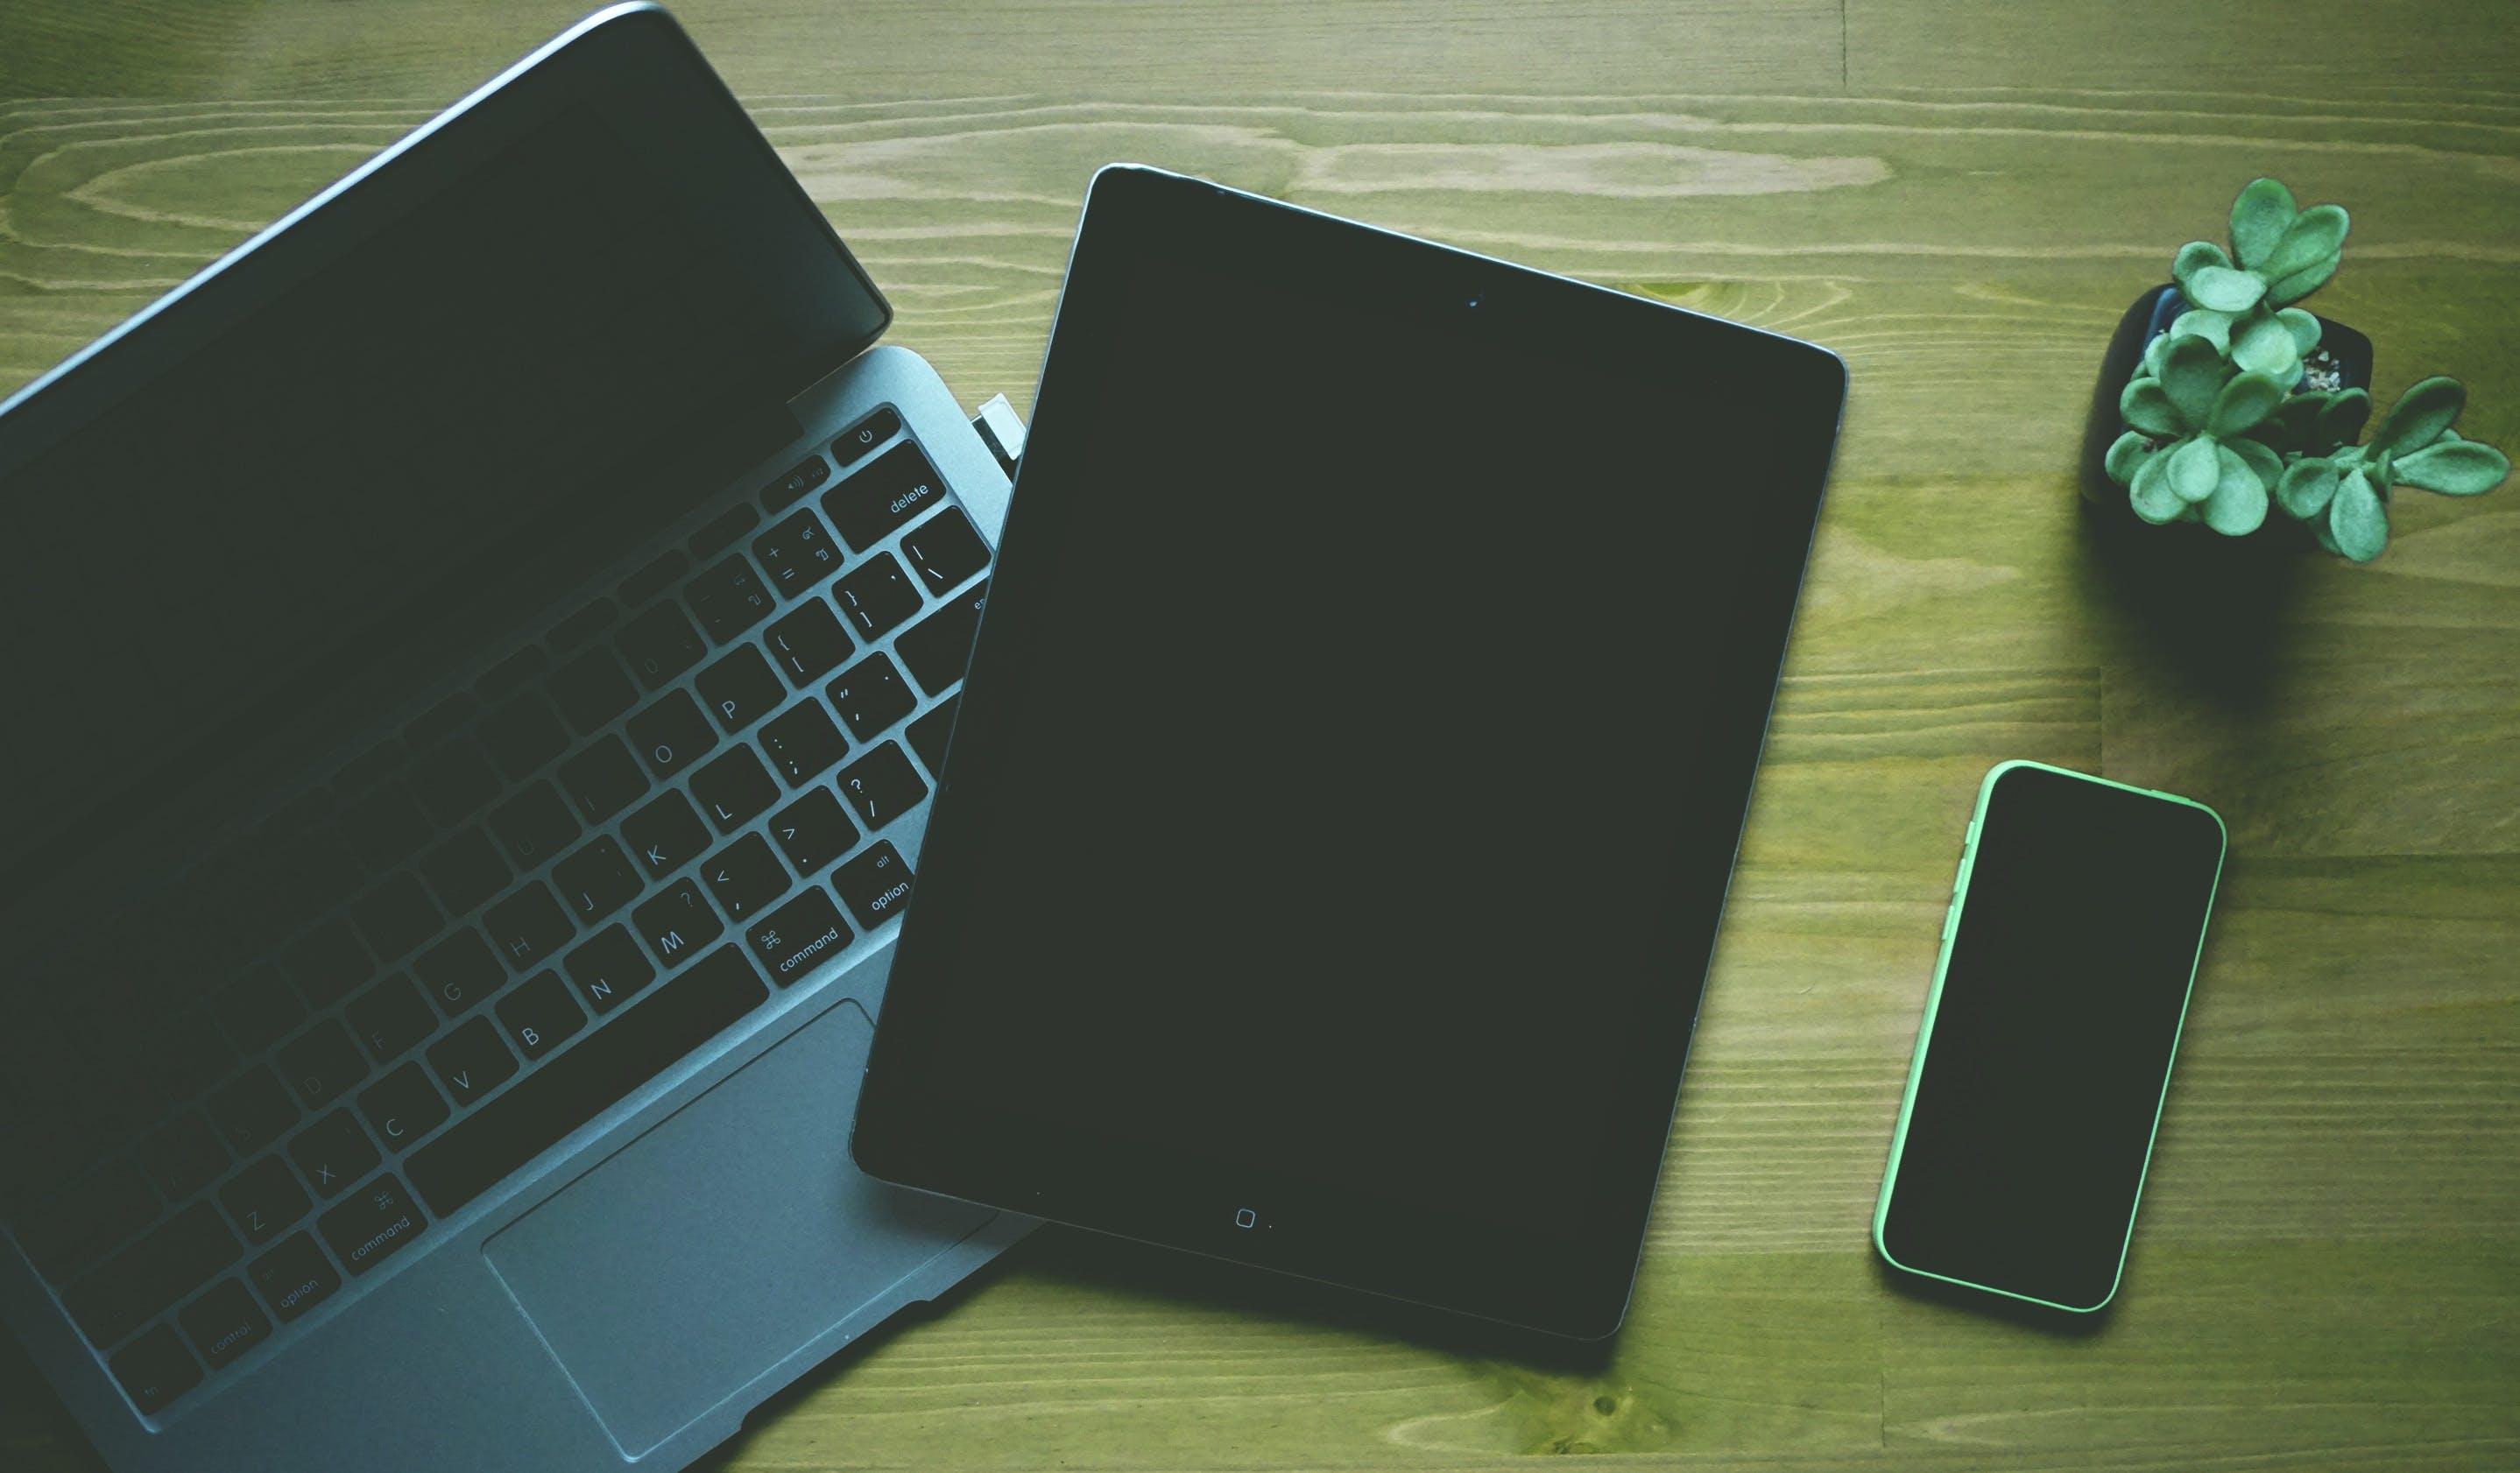 Immagine gratuita di apple, banco, compressa, elettronica